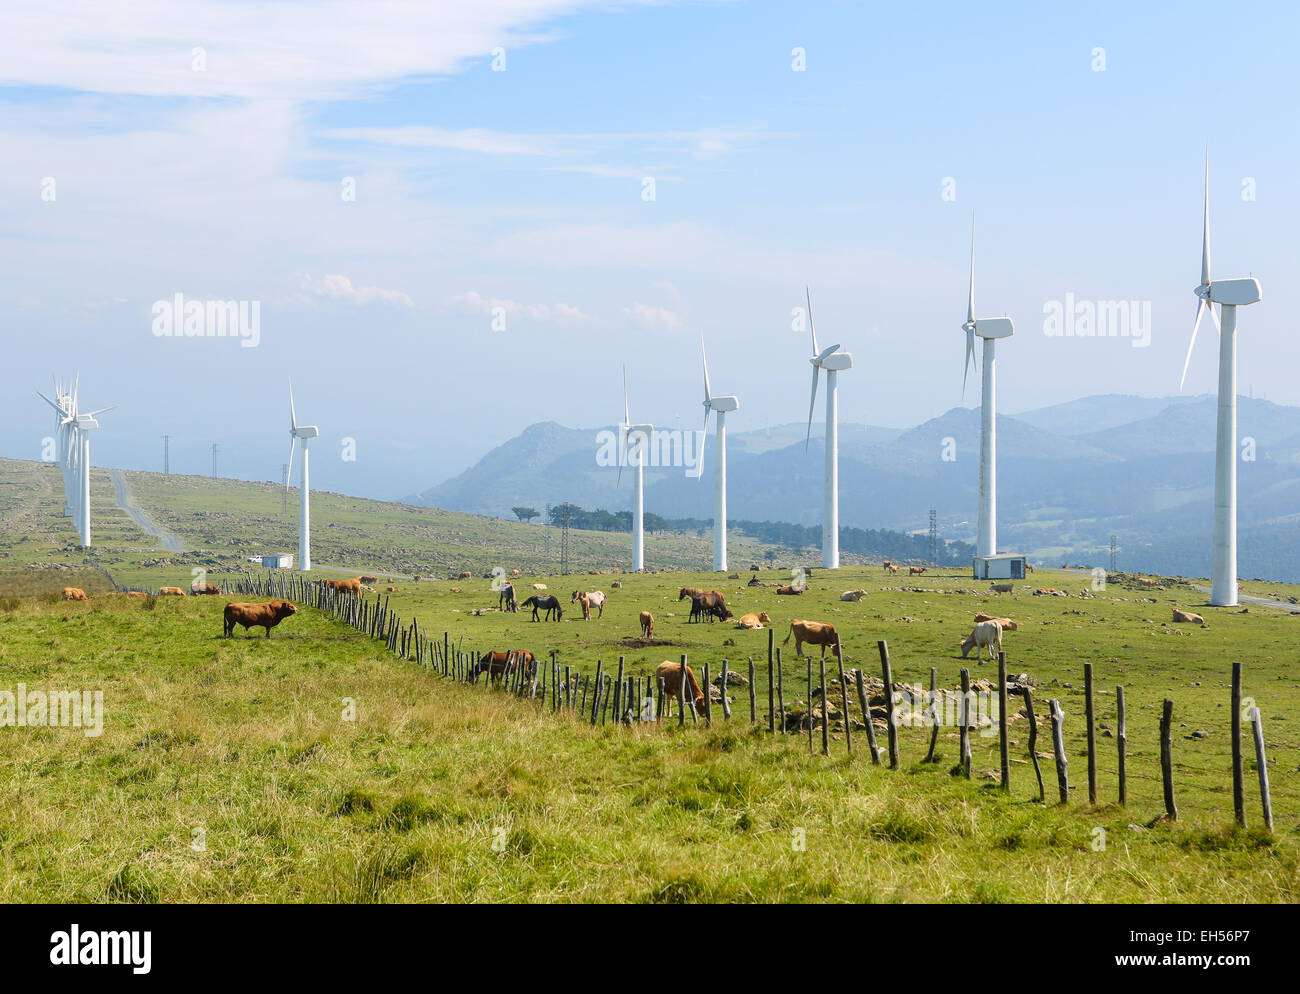 Vento Onshore fattoria della turbina nella parte settentrionale della Galizia, Spagna. Immagini Stock